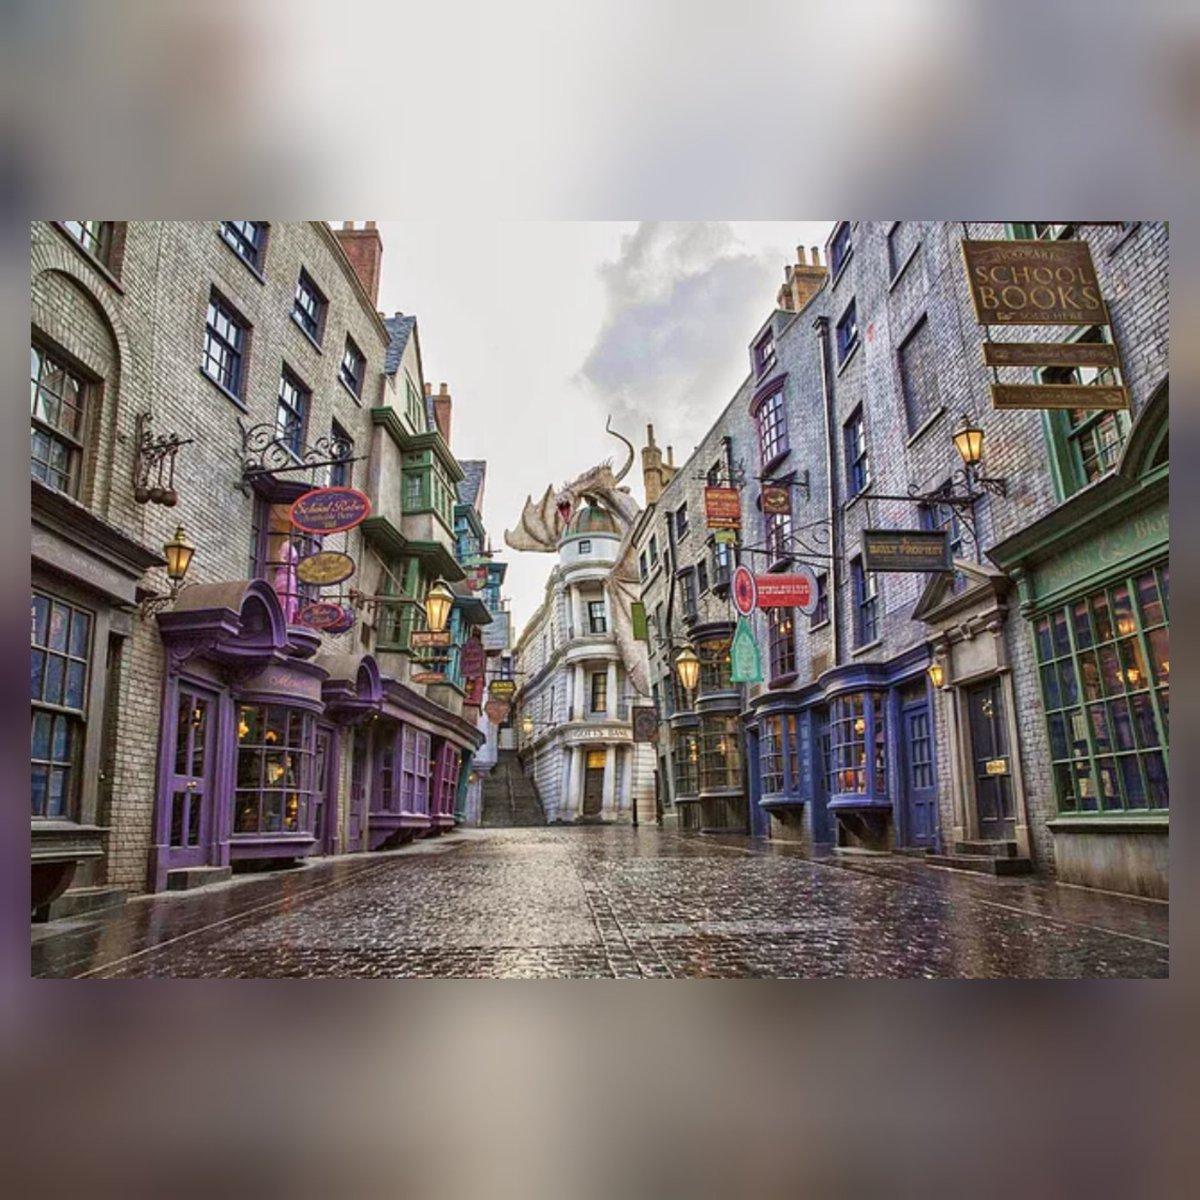 ARADIGIN HER ŞEY DİAGON YOLUNDA 🎉 SİZ MALZEMELERİNİZİ ALDINIZ MI ? #Diagonyolu #HarryPotter #hogwartsyenidönem